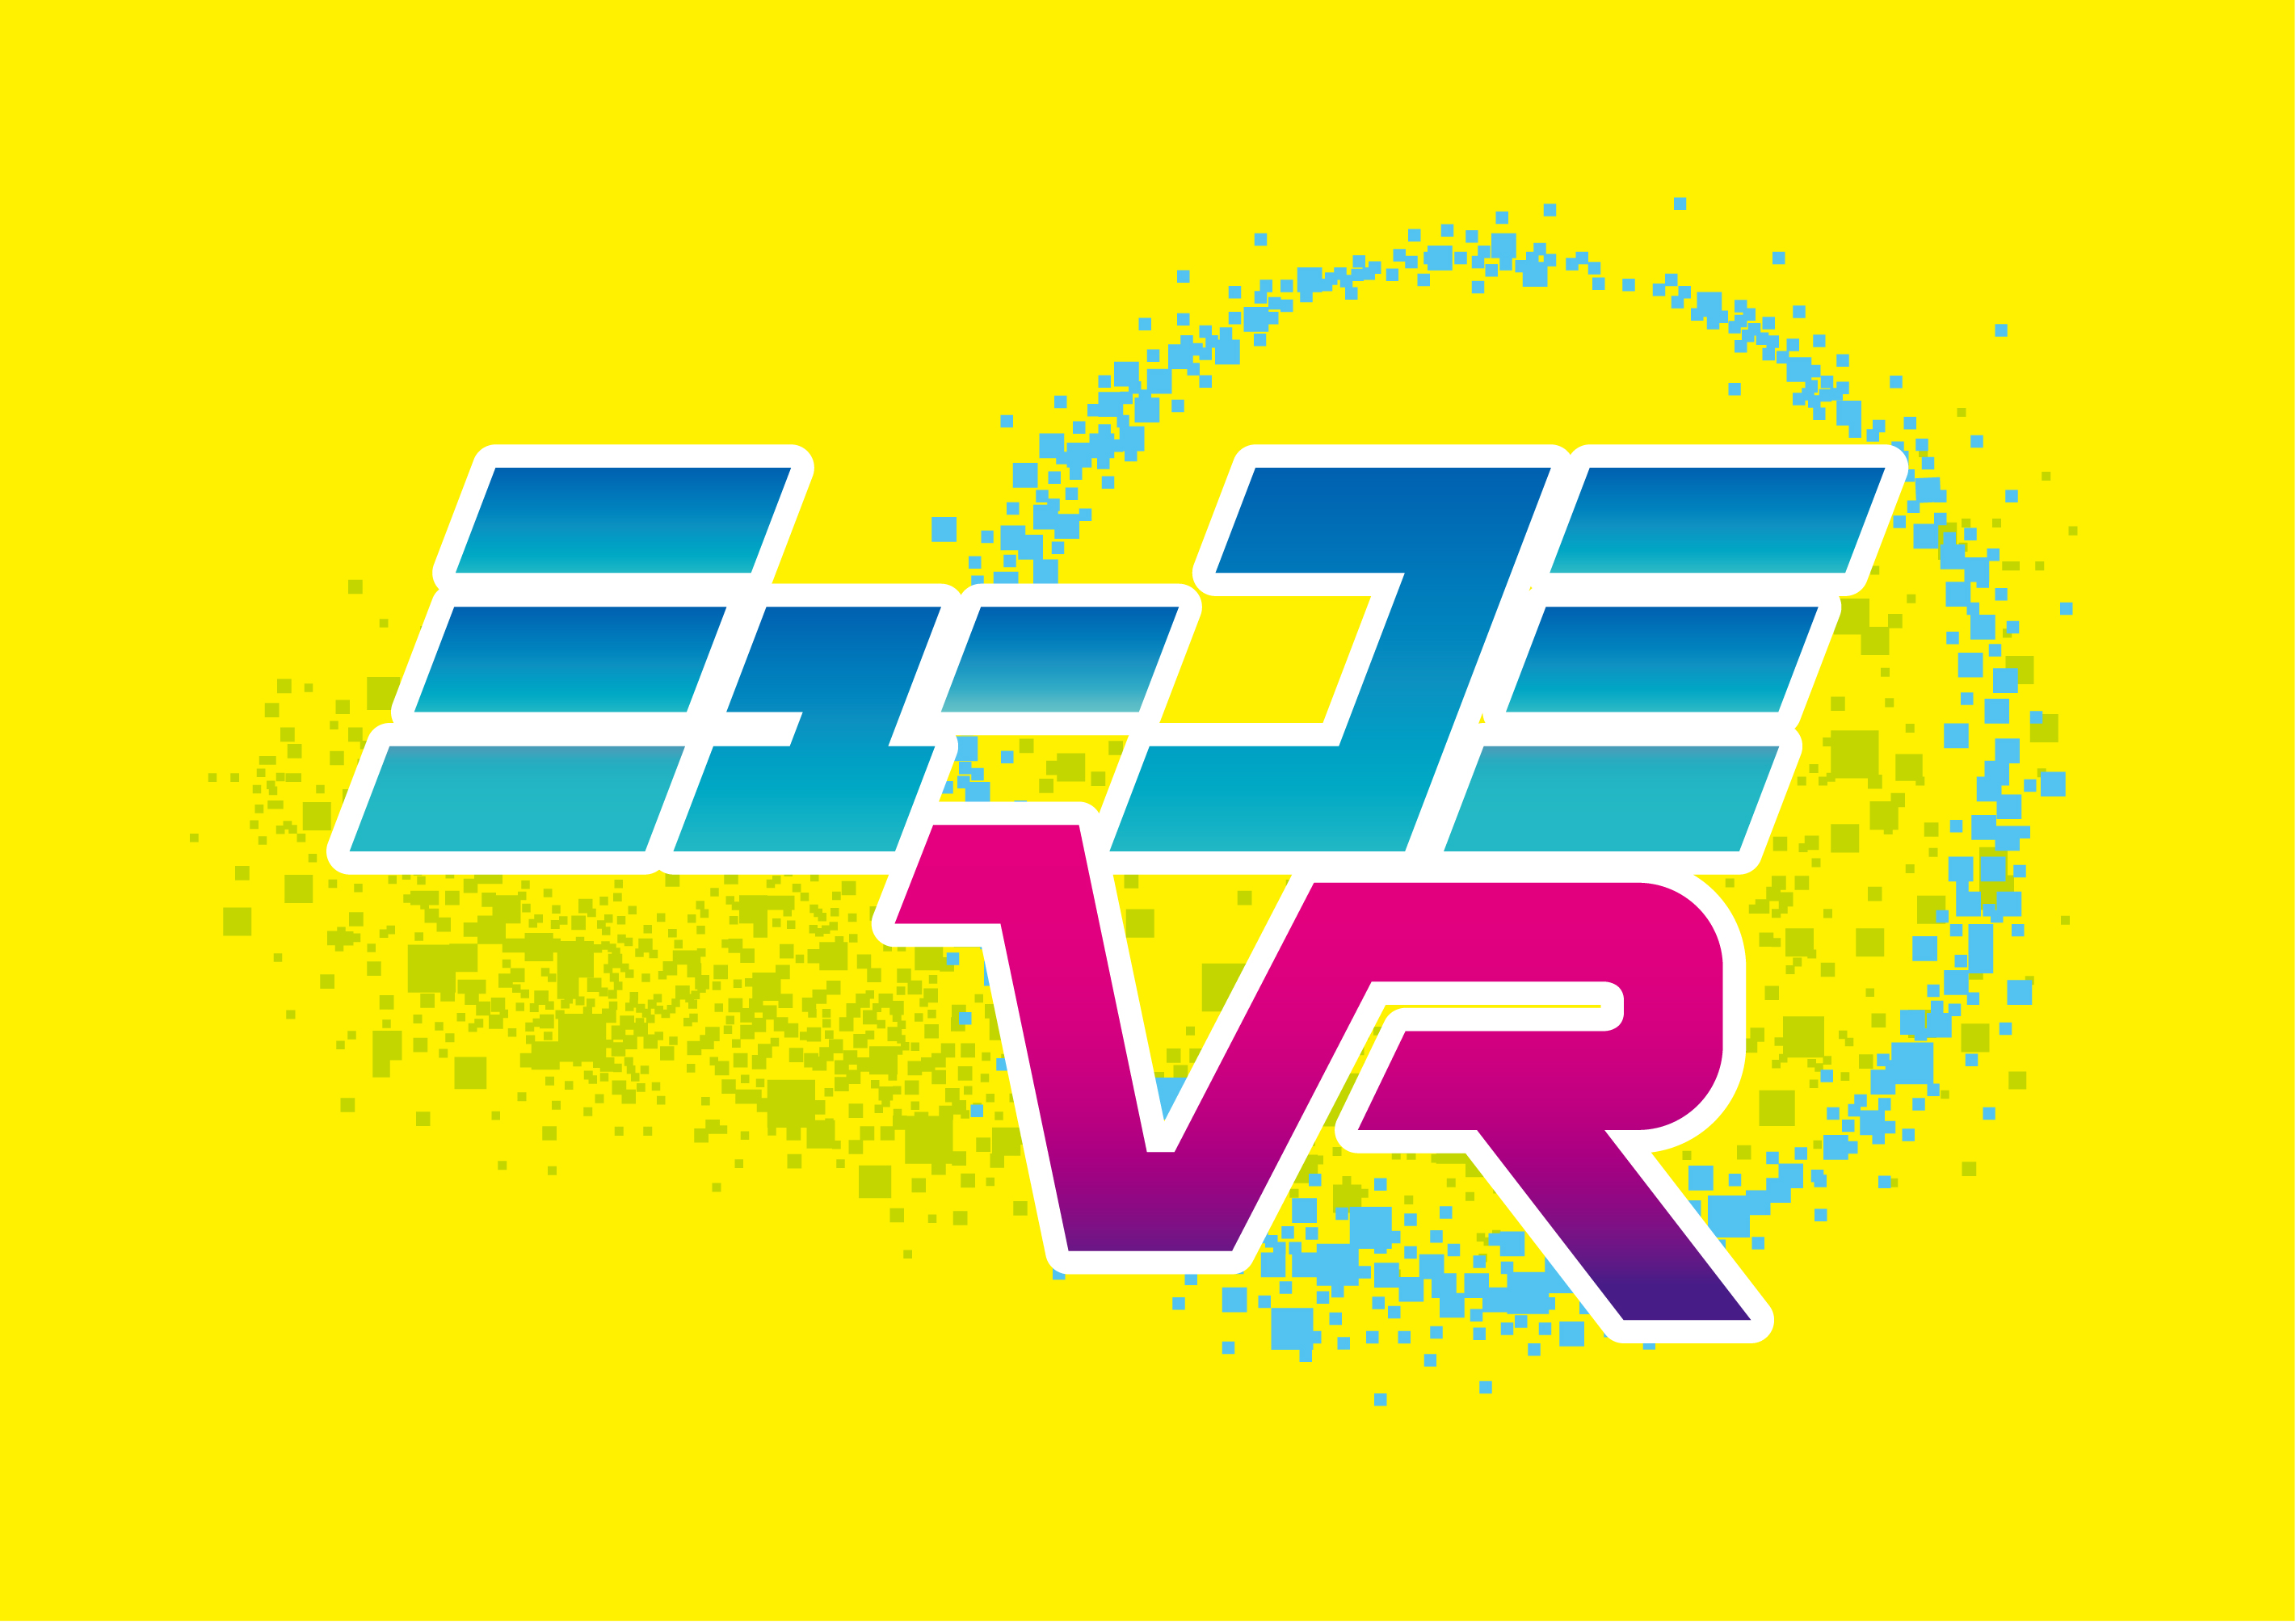 【NEWS】4/4(日)〜ニッポン放送の新番組 「ミューコミVR」に末吉9太郎のレギュラー出演が決定!